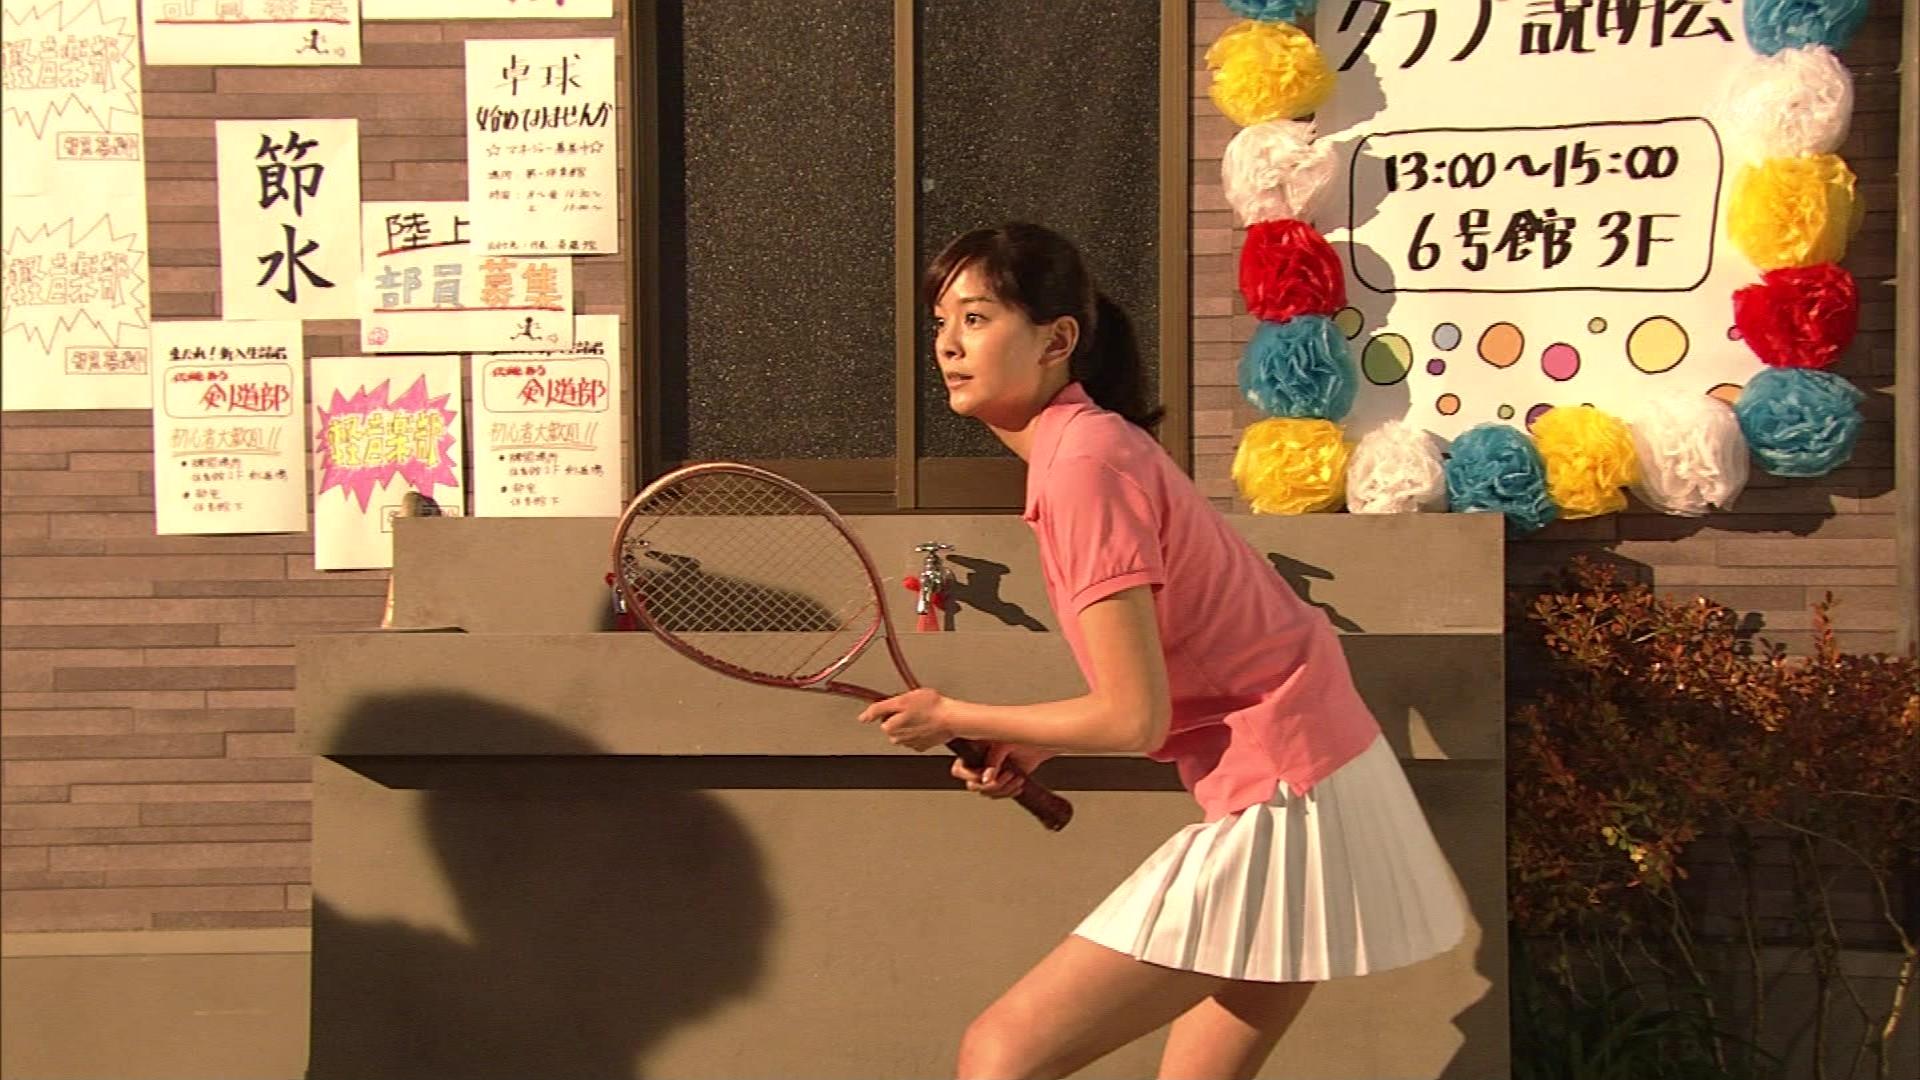 女優石橋杏奈コント番組「LIFE!」で英語動画ラップ披露!性格は天然でかわいい!